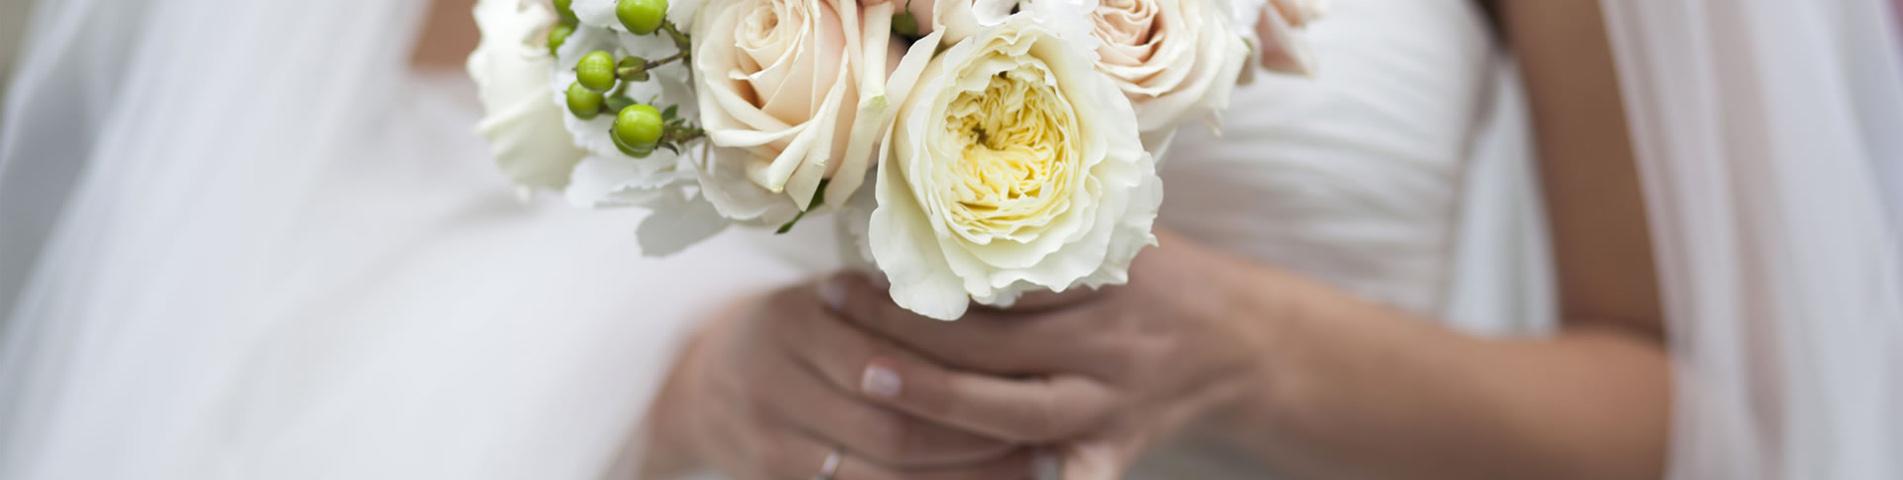 esküvő blog stílus smink dekoráció tippek menyasszonyi smink menyasszonyi ruha